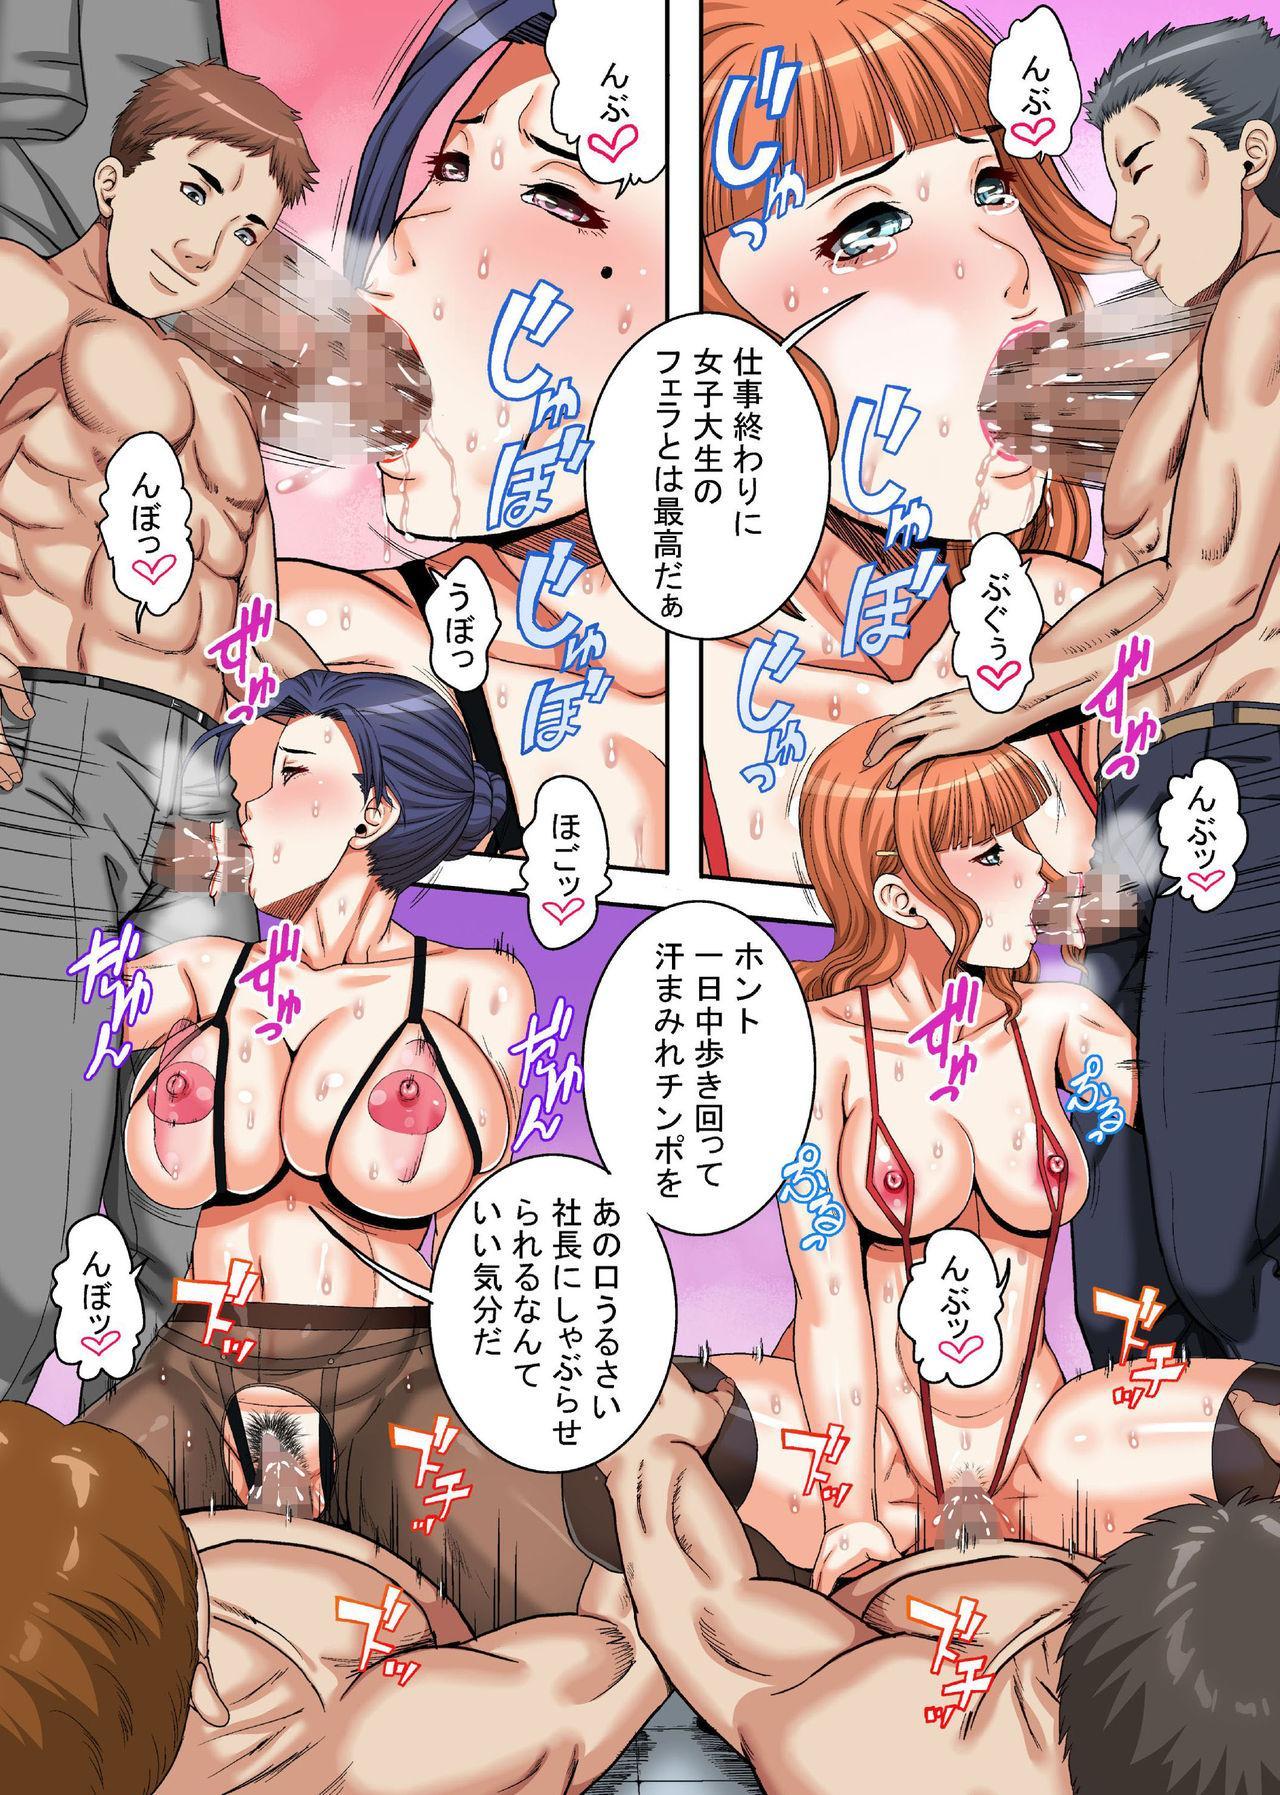 Takabisha Onna o Mahou no Yubiwa de Yarihoudai ~ Kyonyuu Onna Shachou mo, Bijin Hisho mo, Meikko-chan mo Minna Matomete Hamemakuru! 21